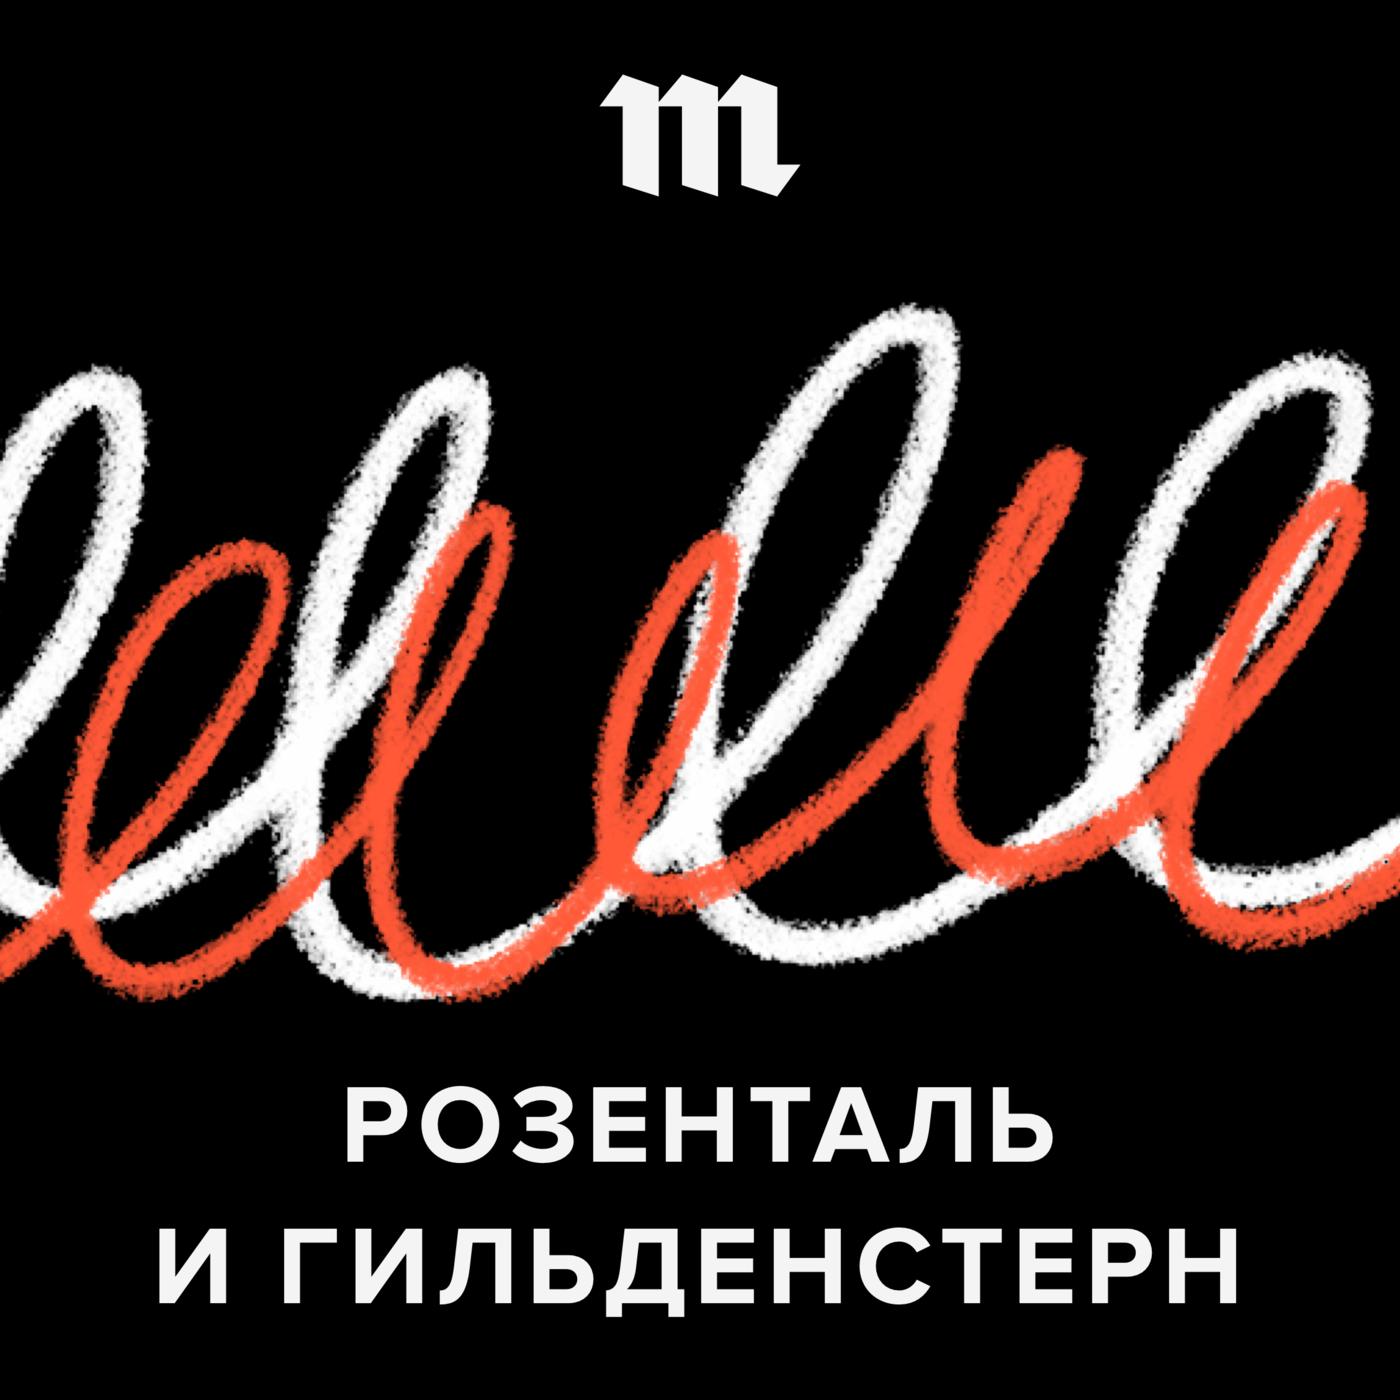 Владимир Пахомов «Извини, что пишу голосовое»: как интернет и мессенджеры изменили русский язык? владимир пахомов битва за феминитивы когда авторки и блогерки станут нормой